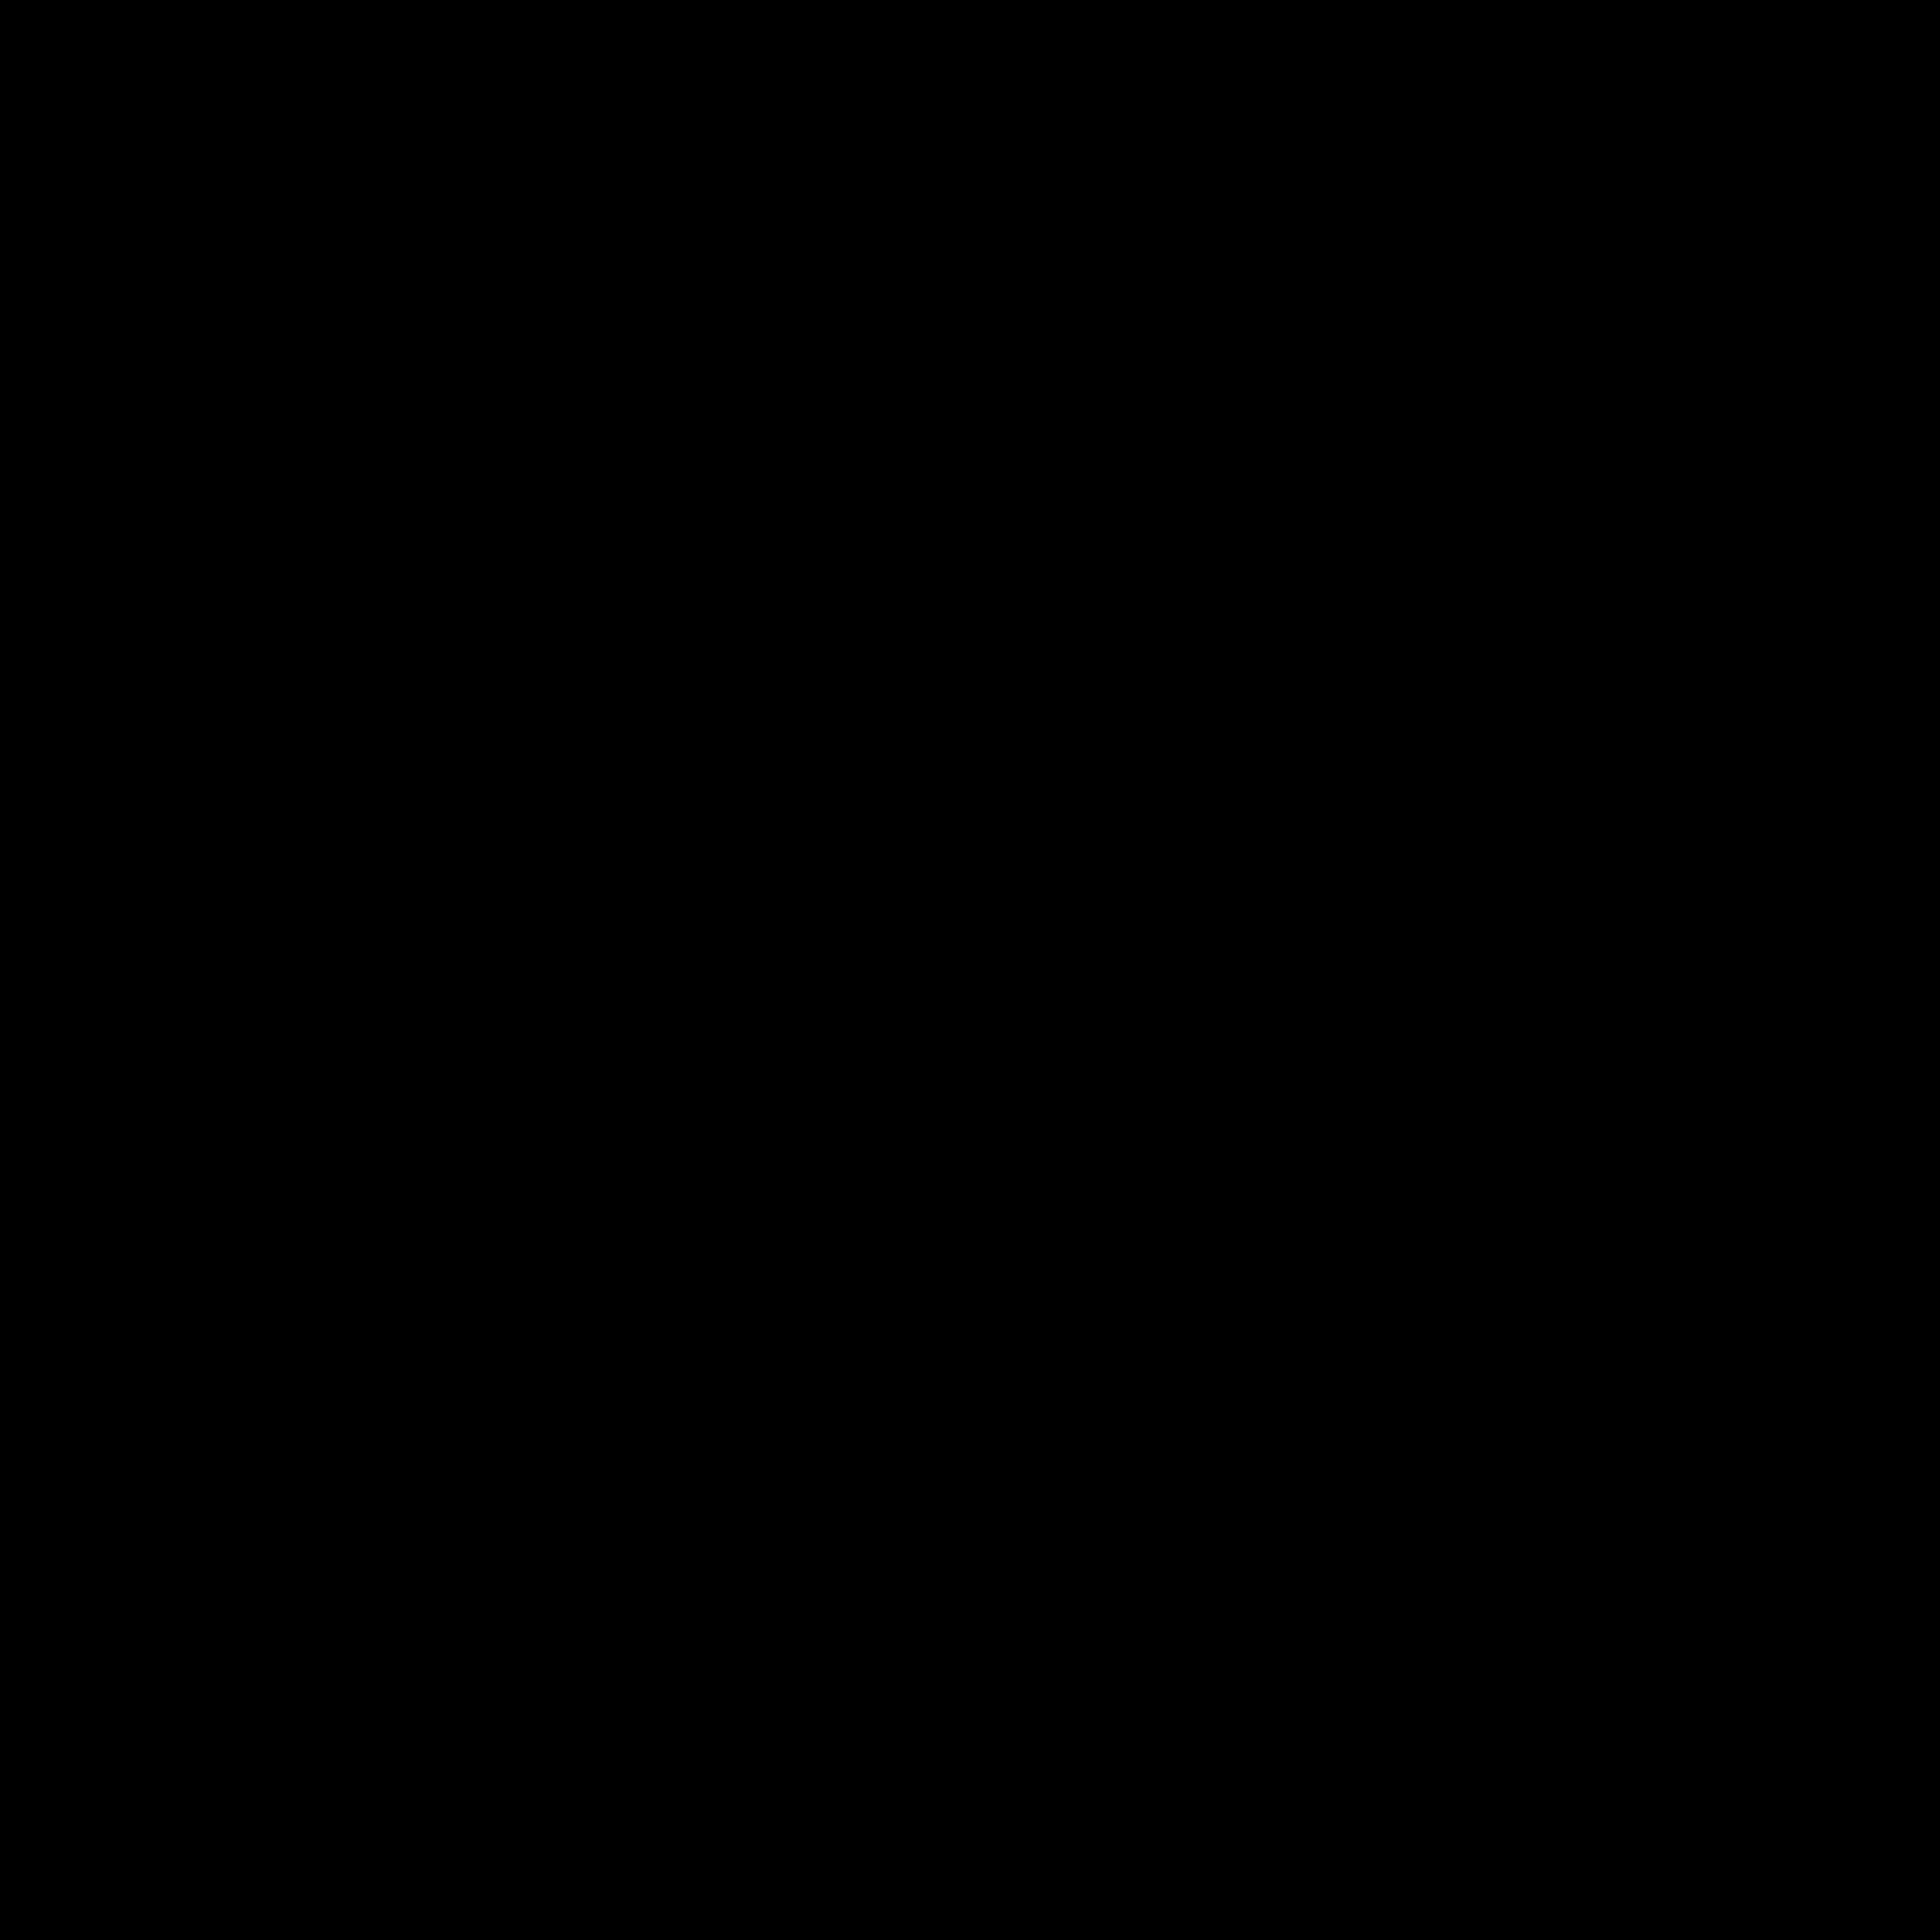 Shu Uemura Art of Hair Color Lustre Conditioner 250ml 8 - SHU UEMURA ART OF HAIR COLOR LUSTRE CONDITIONER 250ML